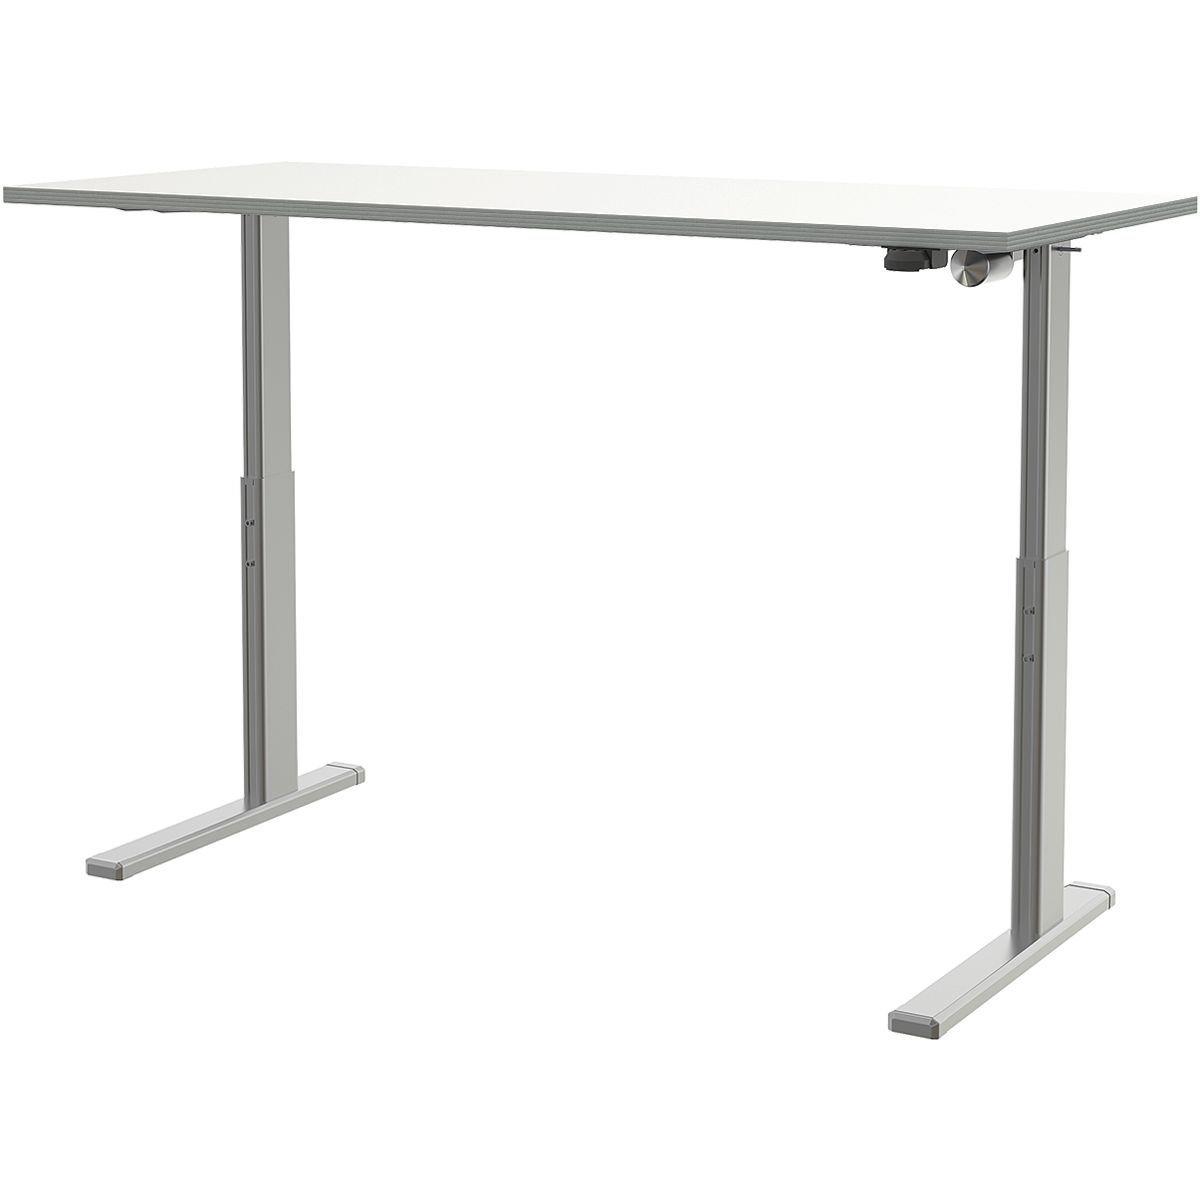 Wellemöbel Schreibtisch höhenverstellbar (elektrisch) 120 cm »Alto« | Büro > Bürotische > Schreibtische | Abs | Wellemöbel